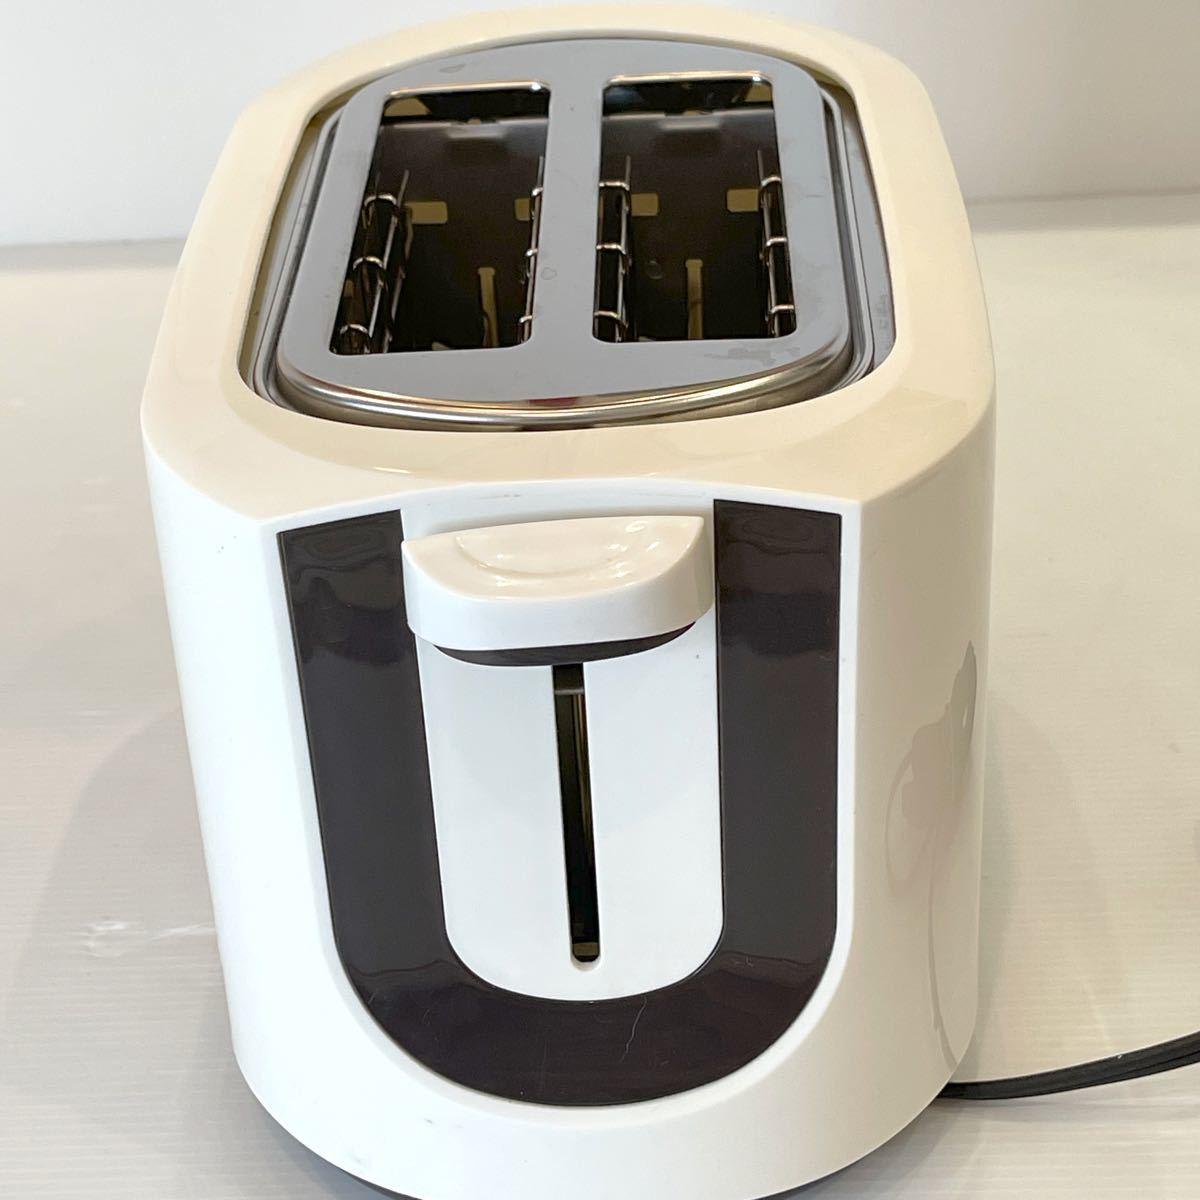 テスコム (TESCOM) トースター ホワイト CT30-W【クリーニング済】 ポップアップトースター TESCOM